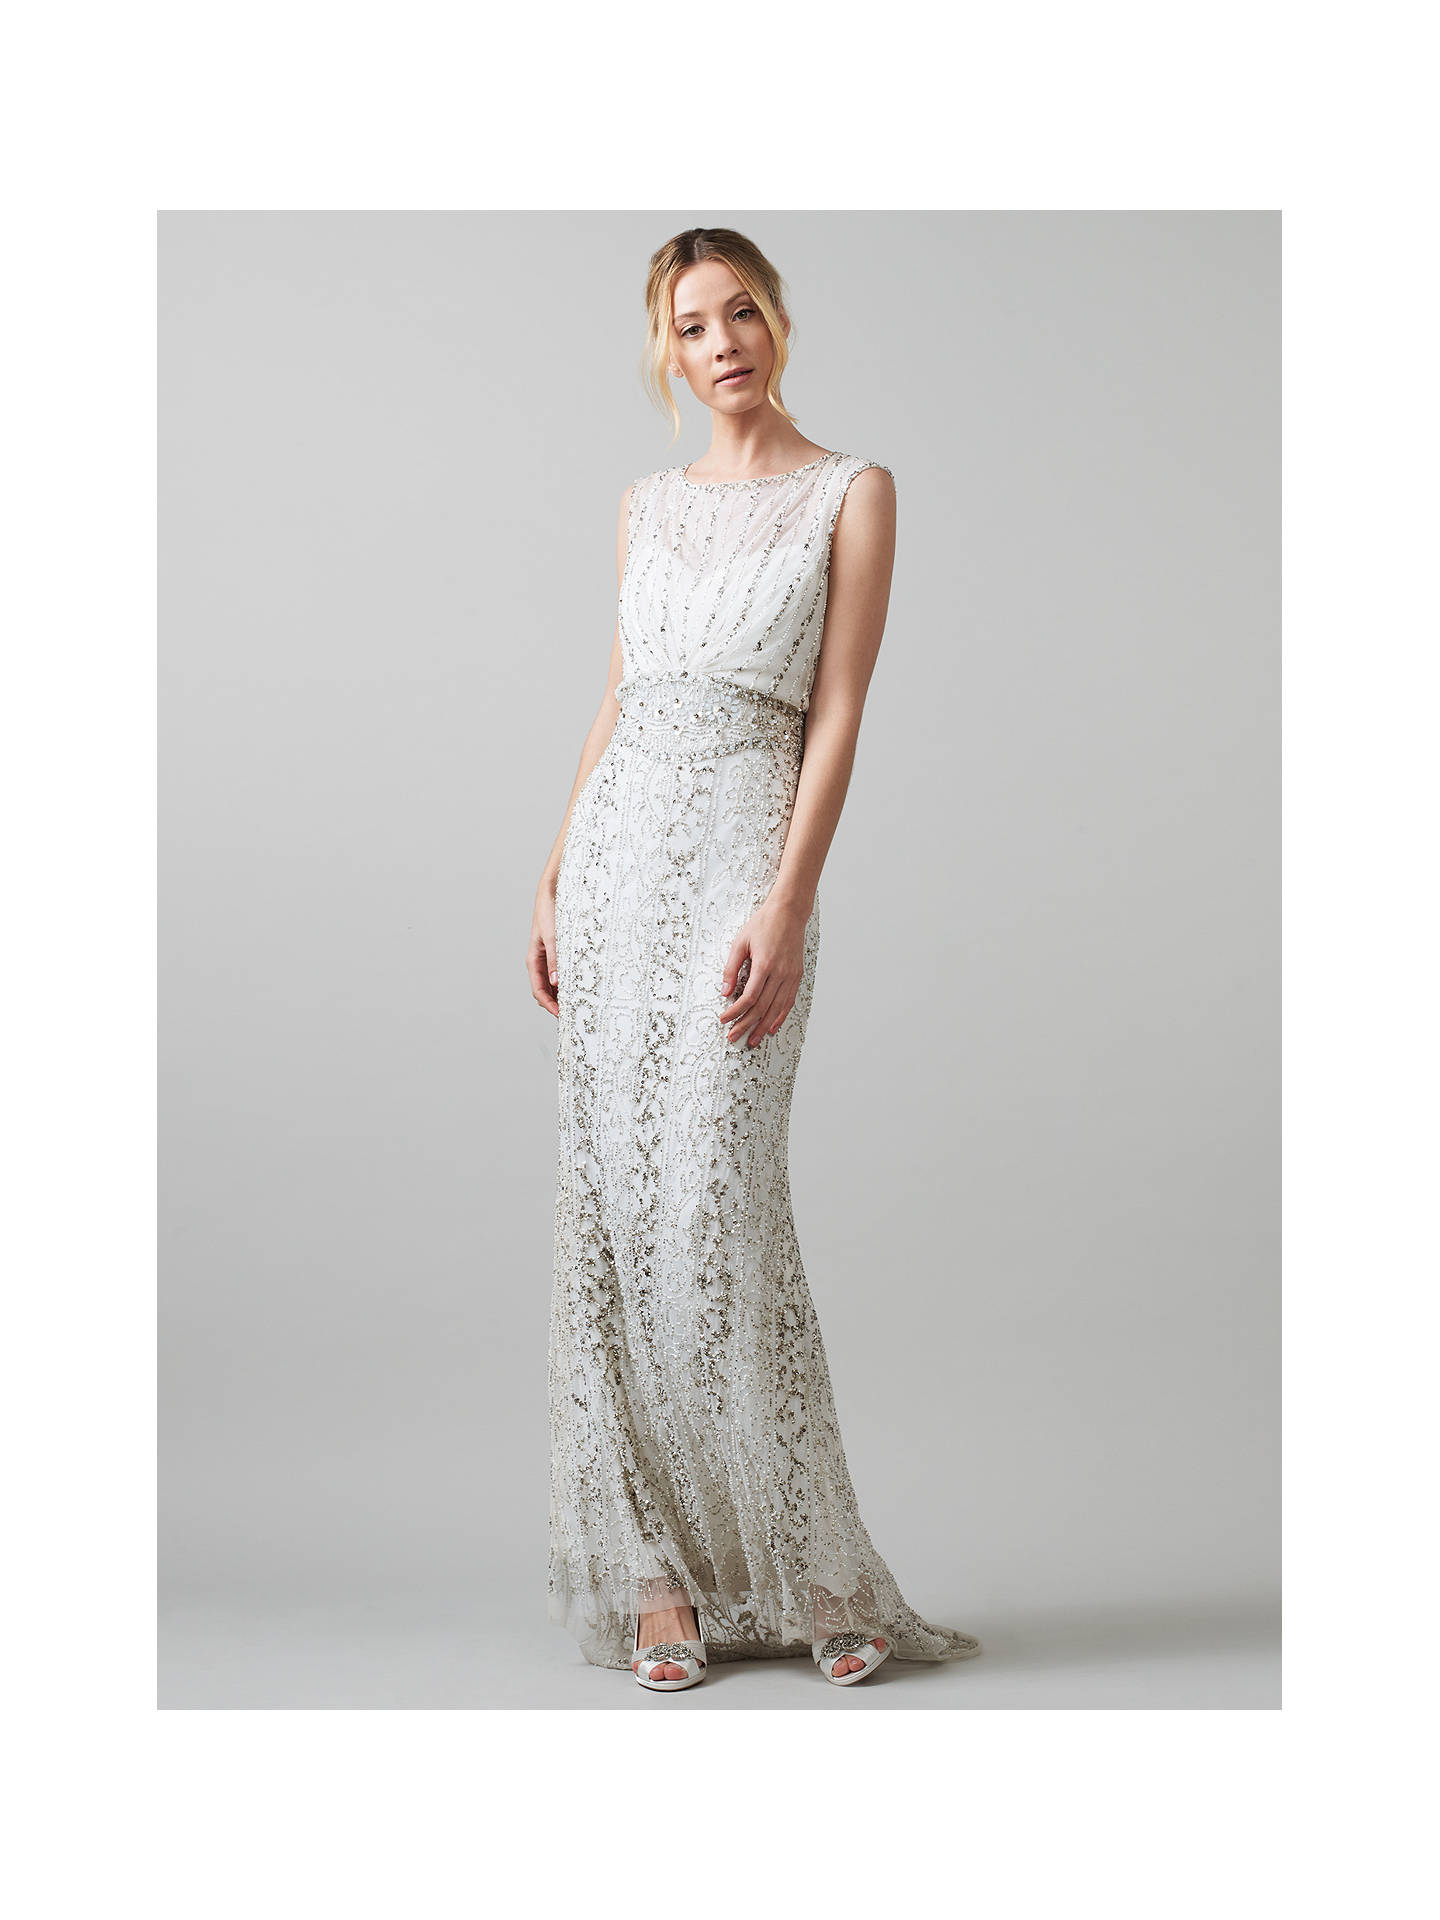 ... BuyPhase Eight Bridal Hope Wedding Dress 4c67badb2